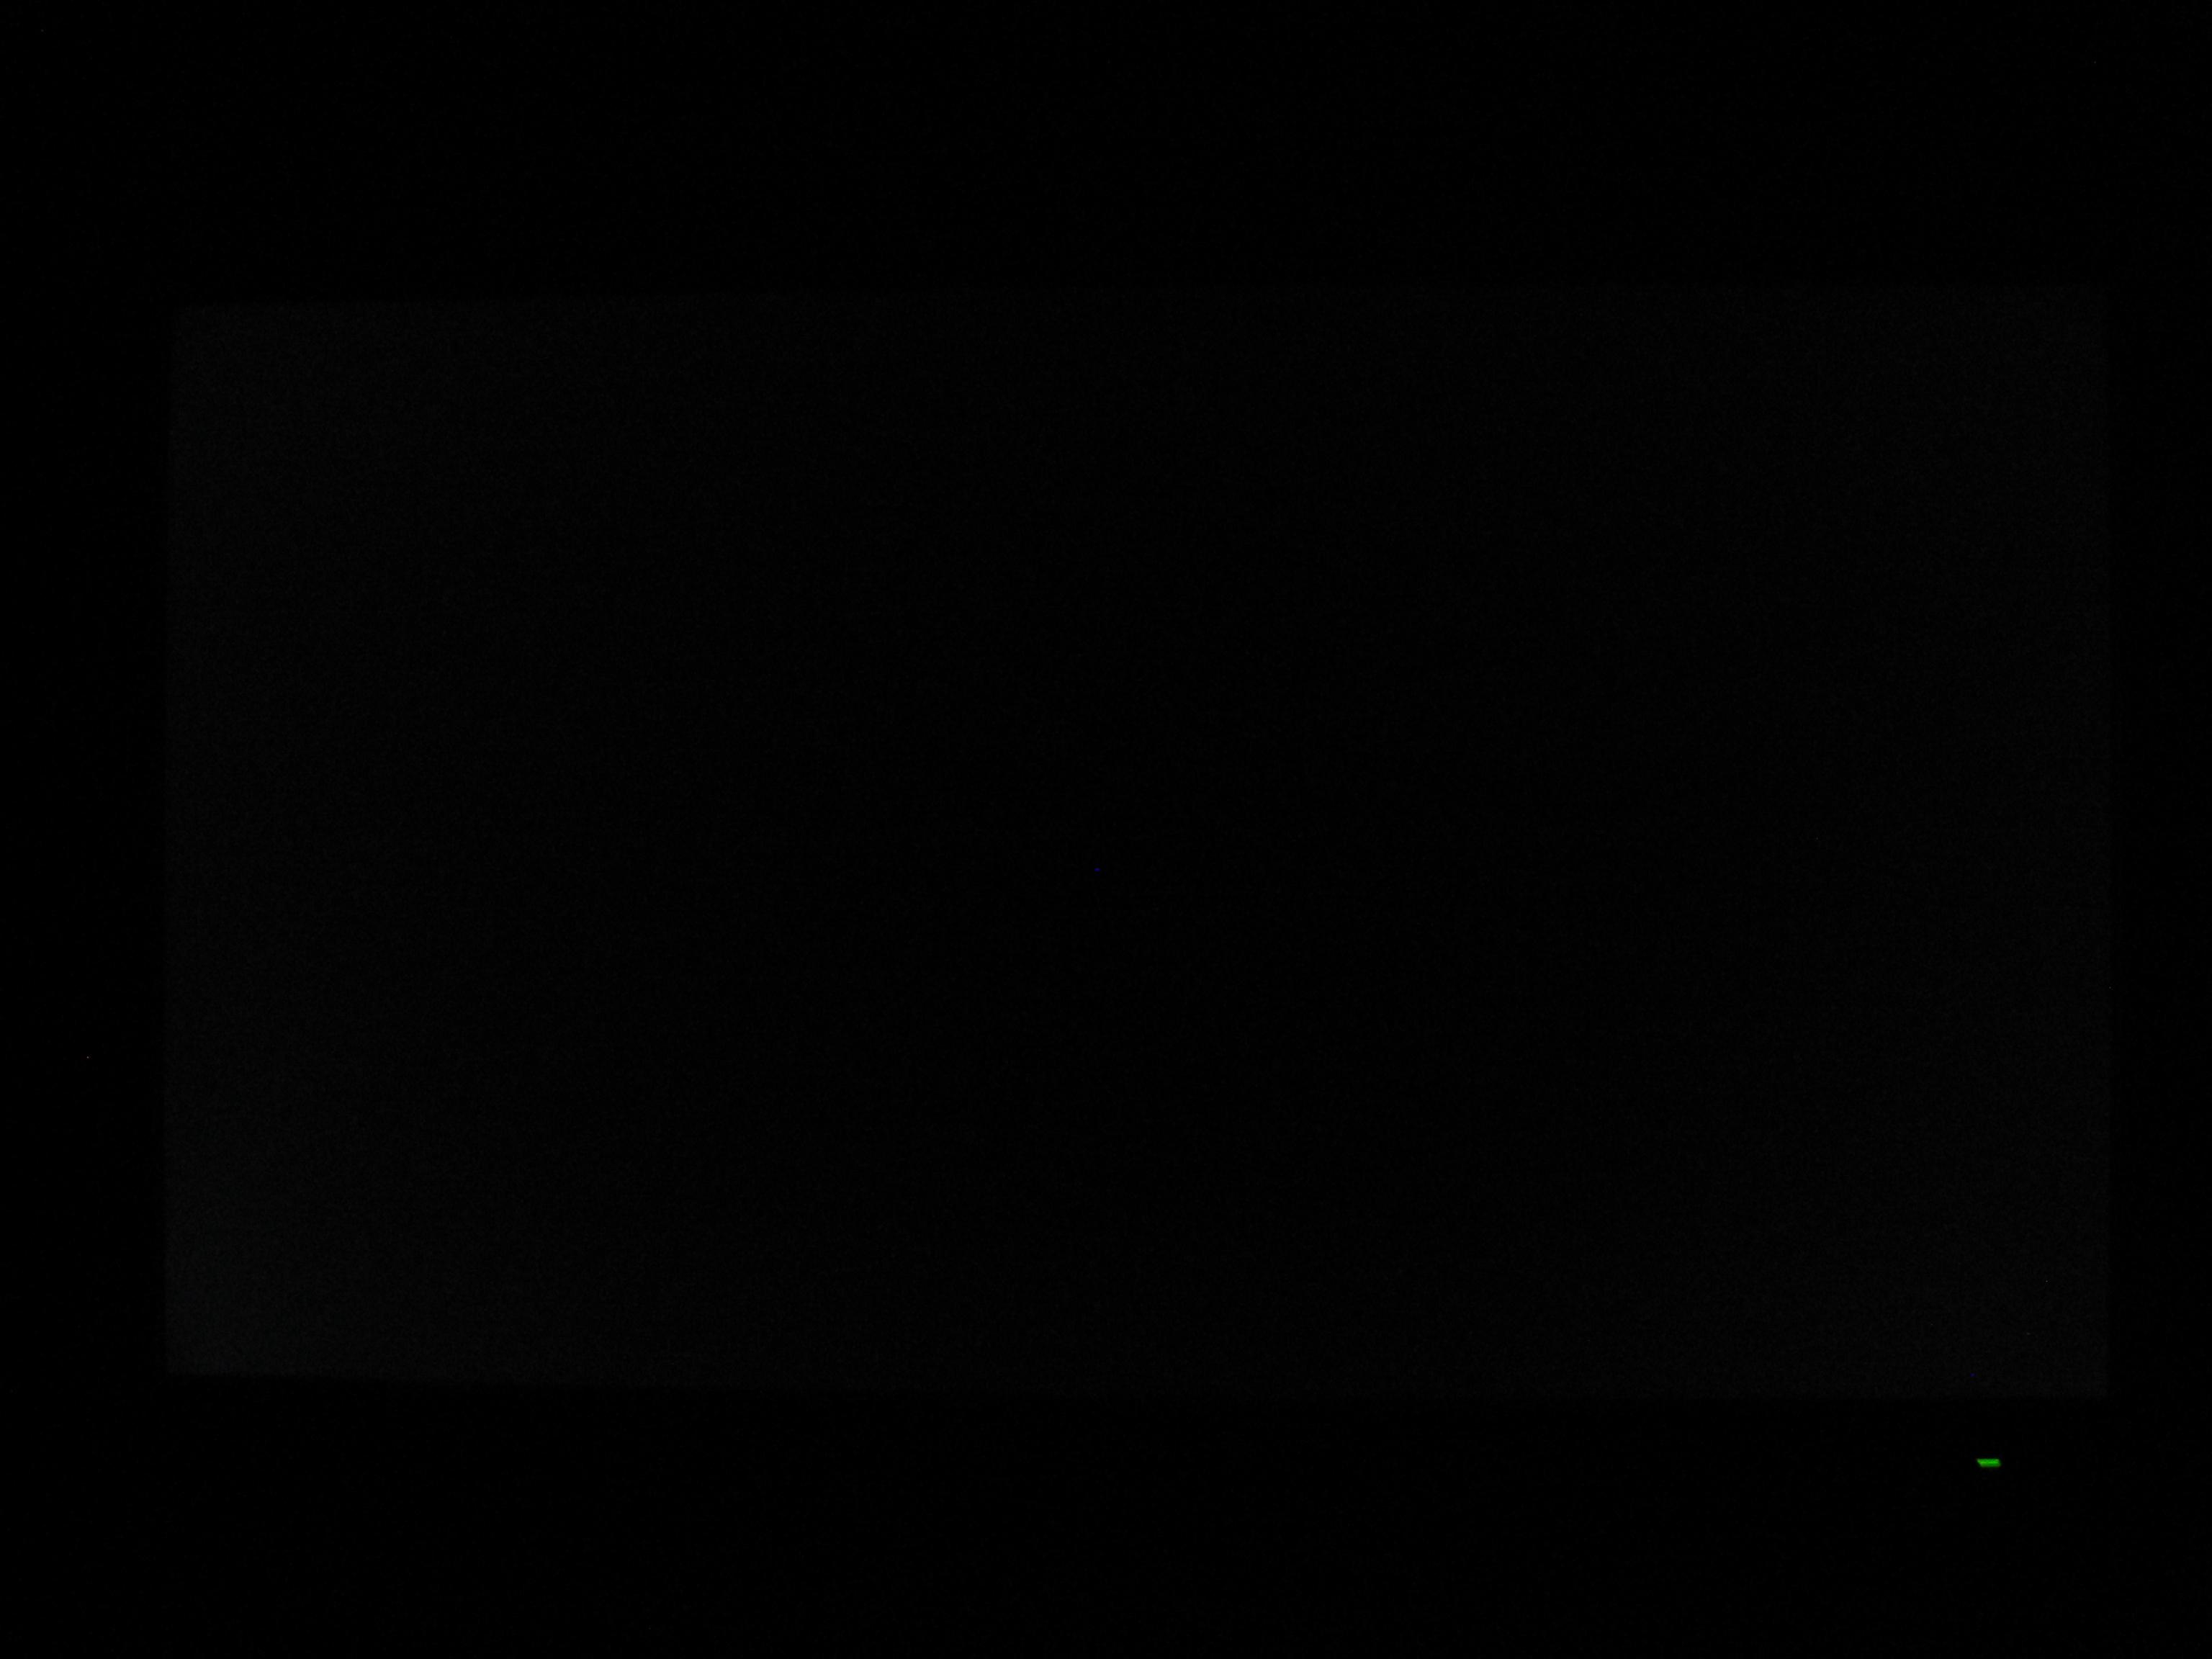 Черную картинку без ничего